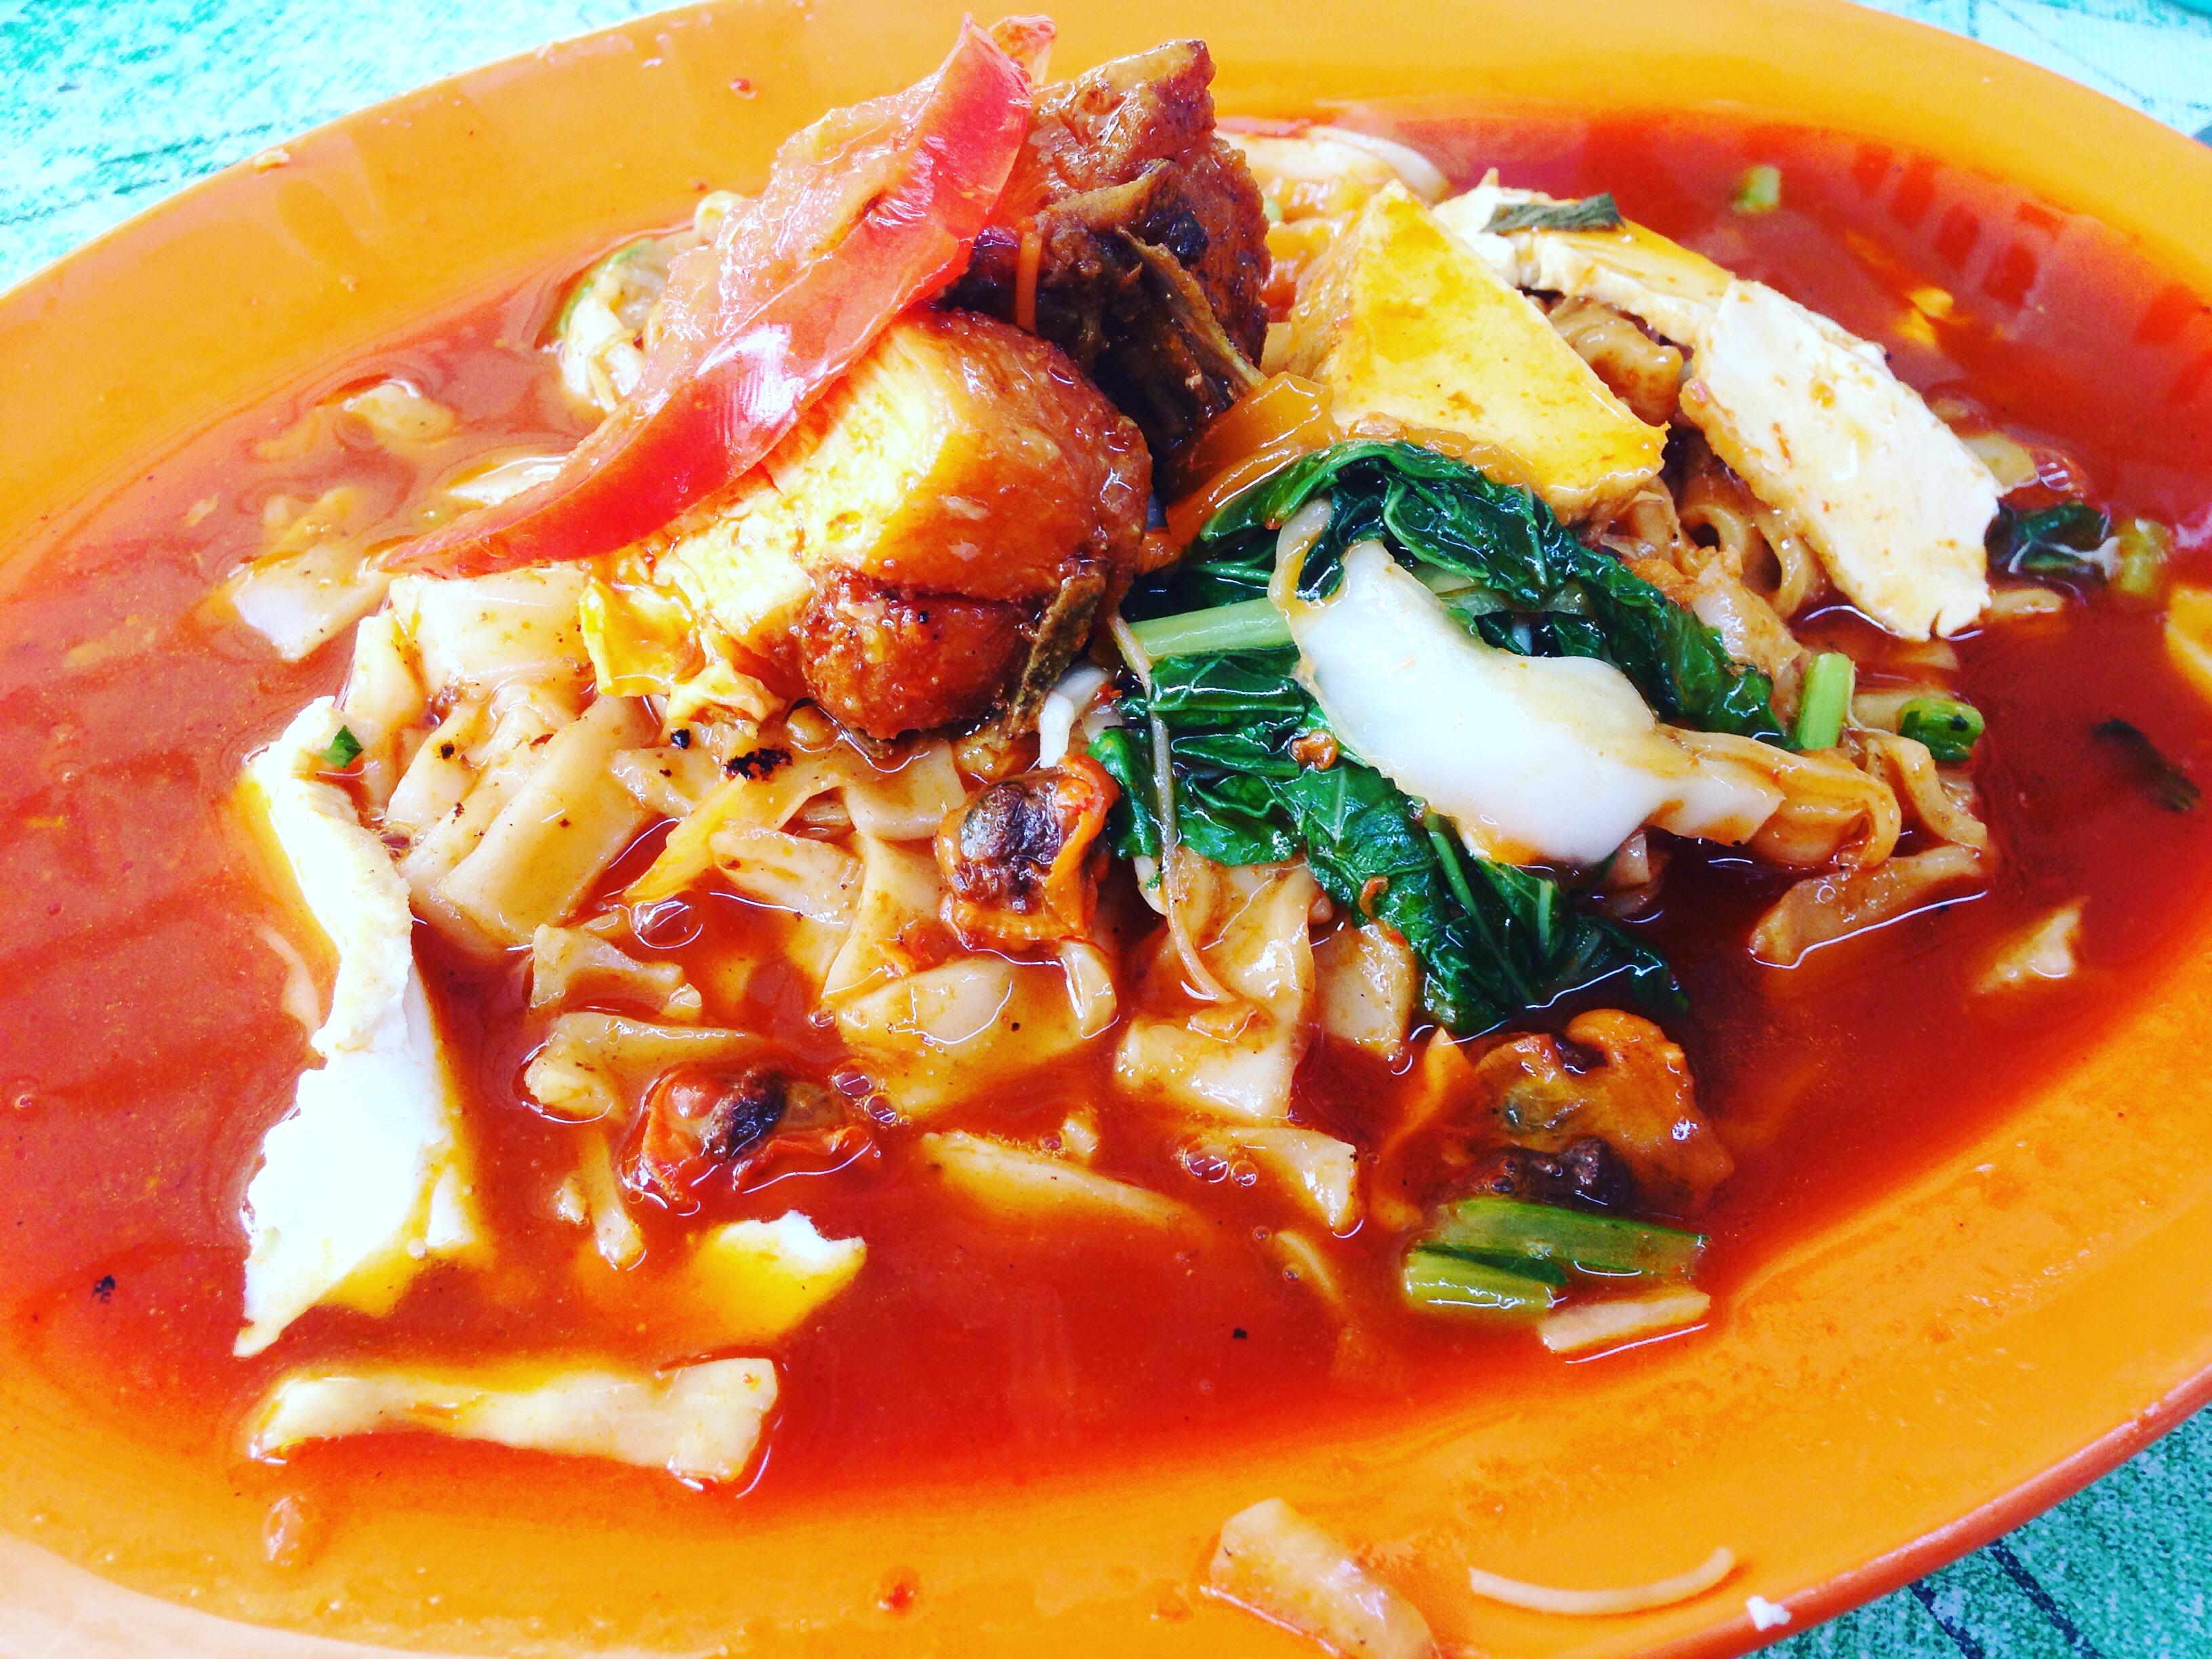 Kedai Makan sedap Bukit Godek Melaka